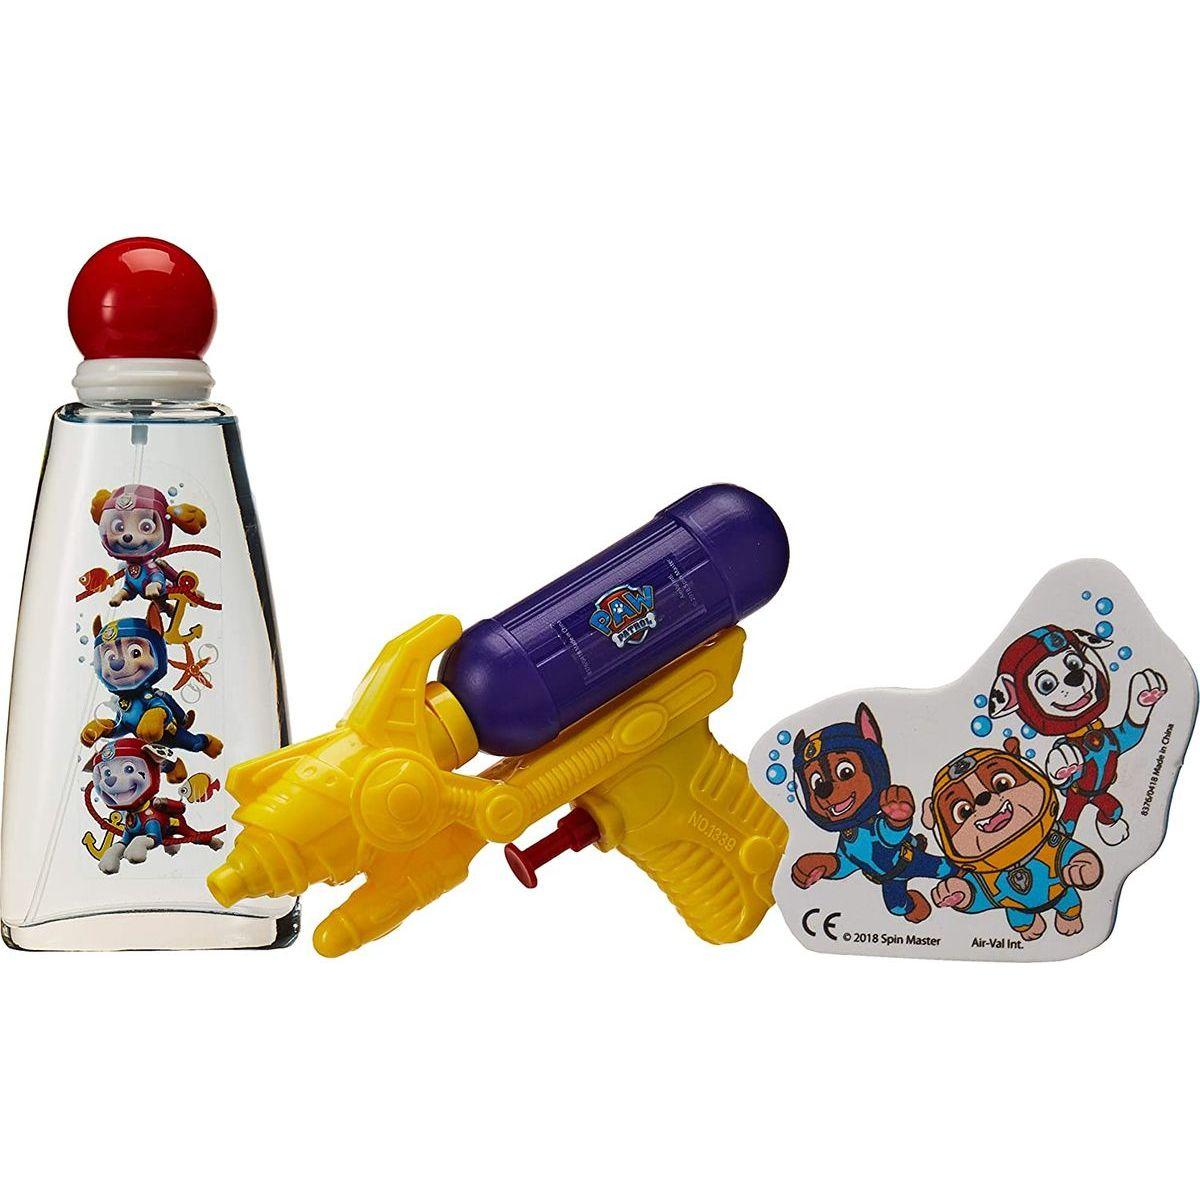 EP Line kosmetika Paw Patrol dárková sada EDT 100 ml s vodní pistolí a terčem